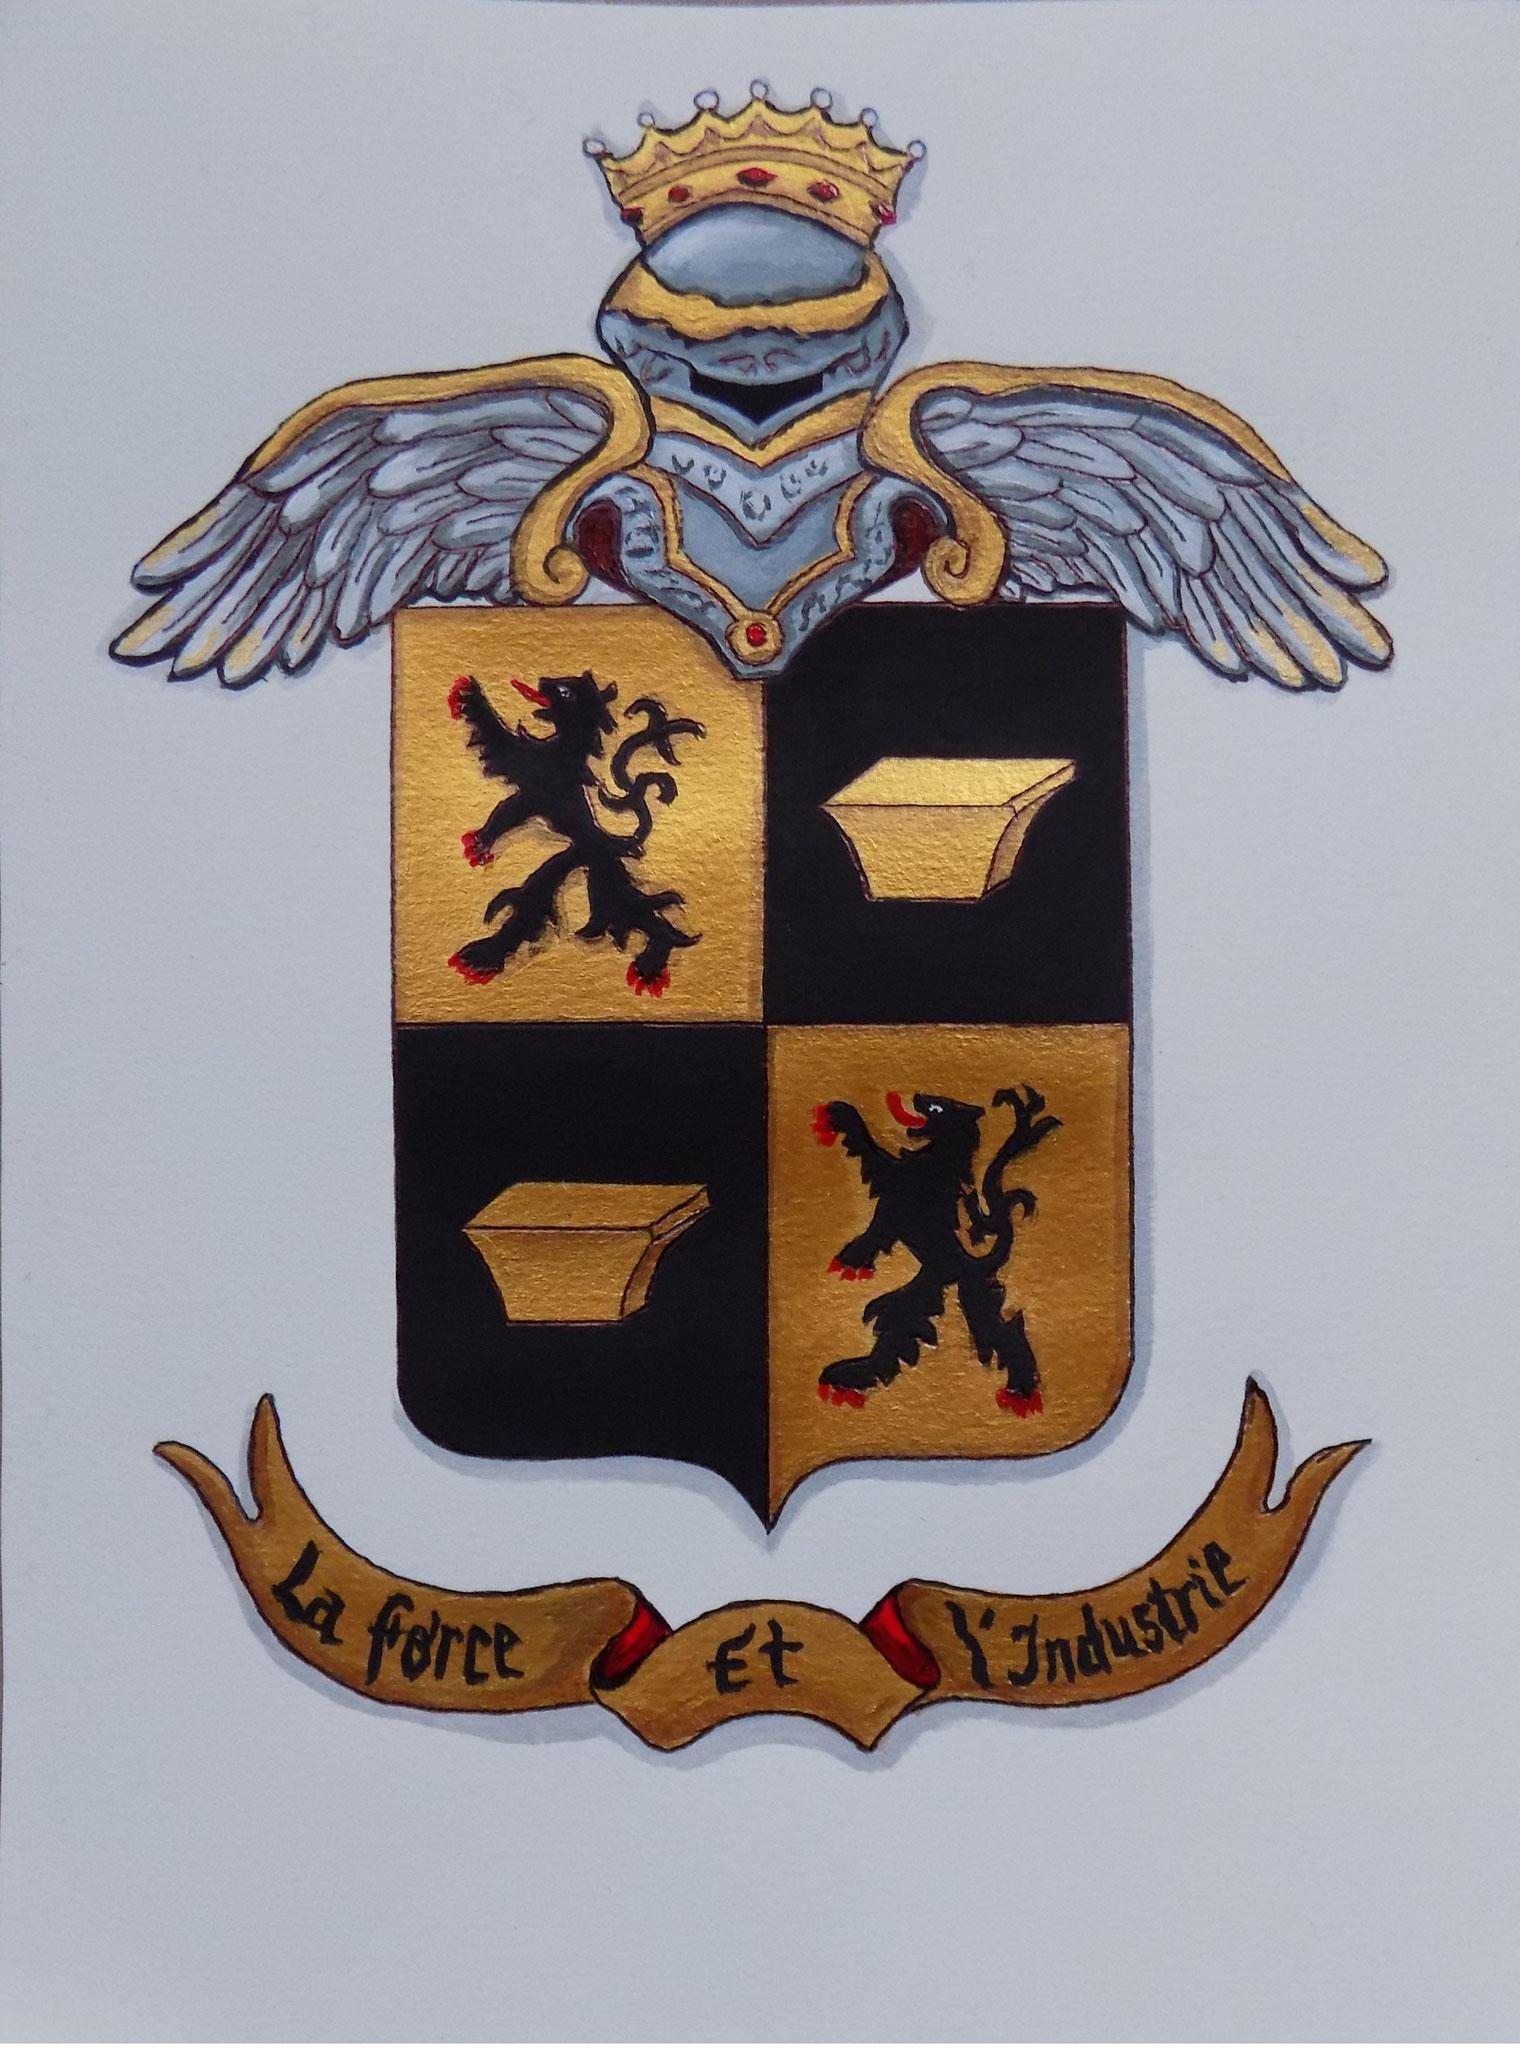 Enluminure Armoiries de famille 18 X 24 cm